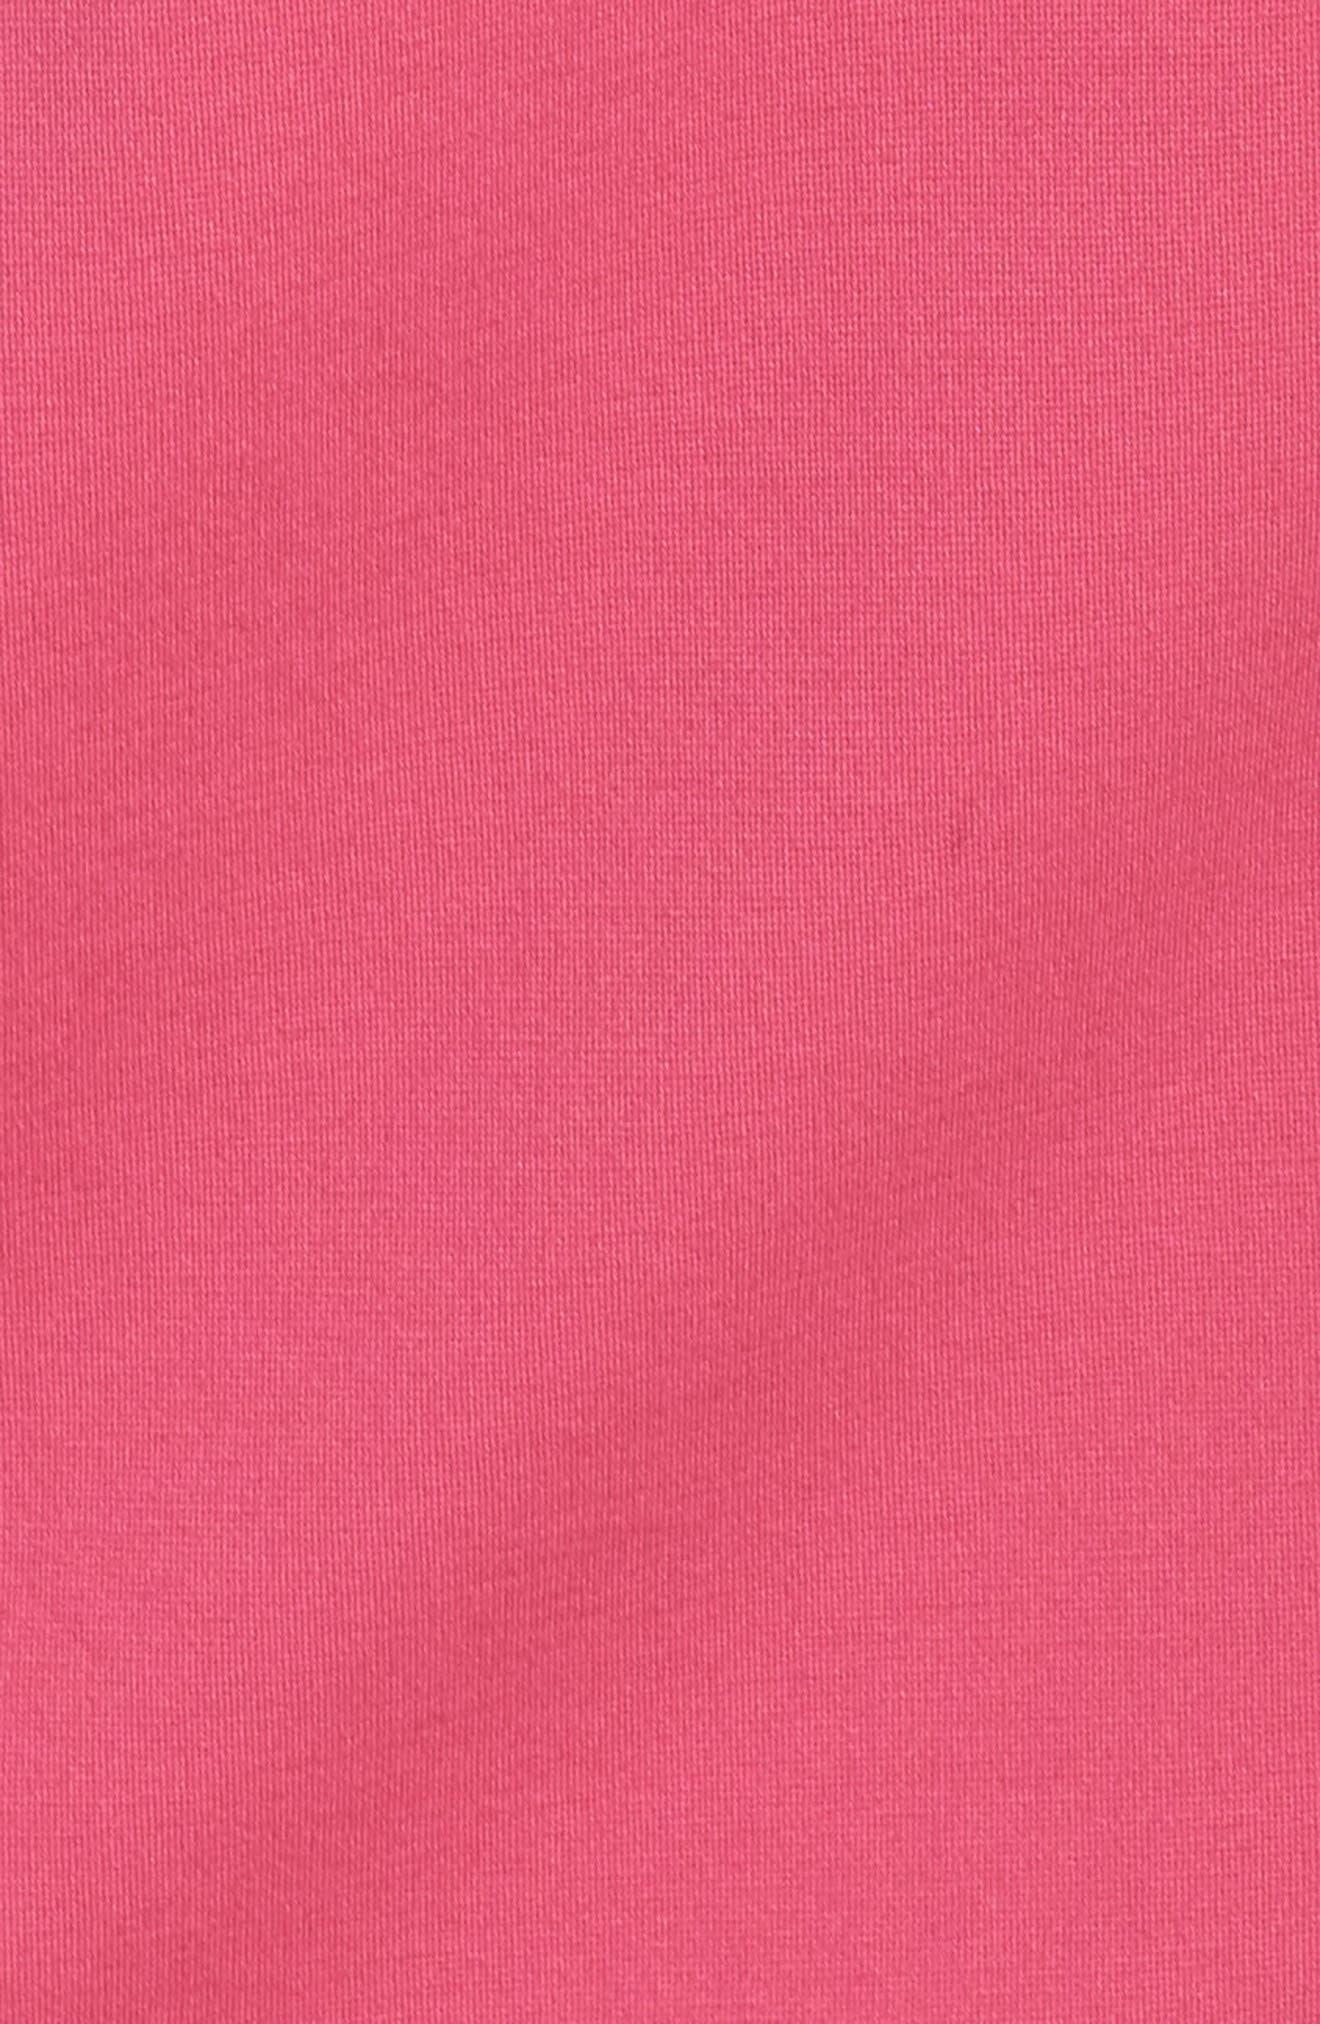 Embroidered V-Neck Shift Dress,                             Alternate thumbnail 6, color,                             Pink